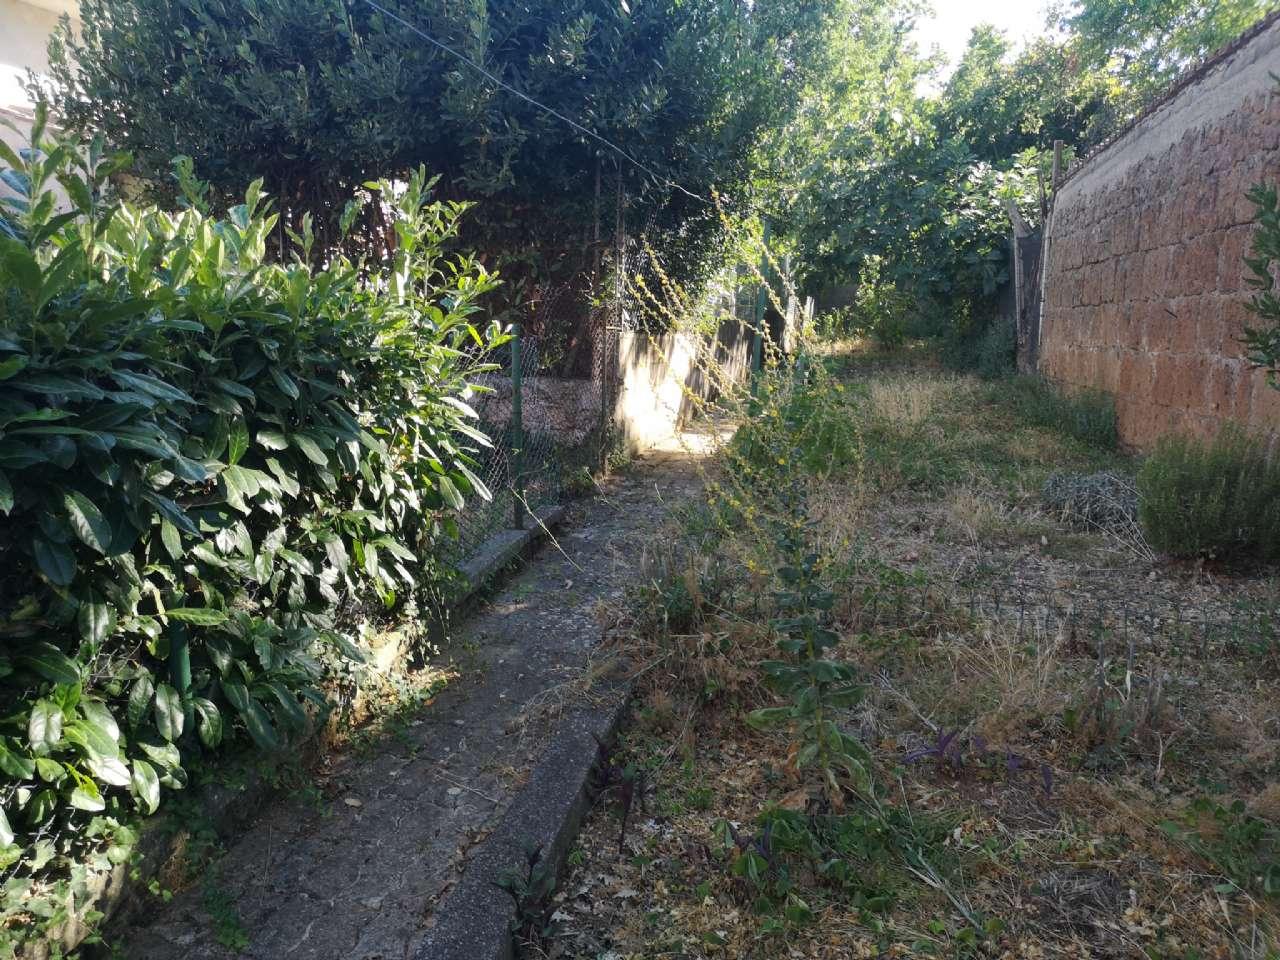 Via Cassia la Botte, Vetralla, foto 17